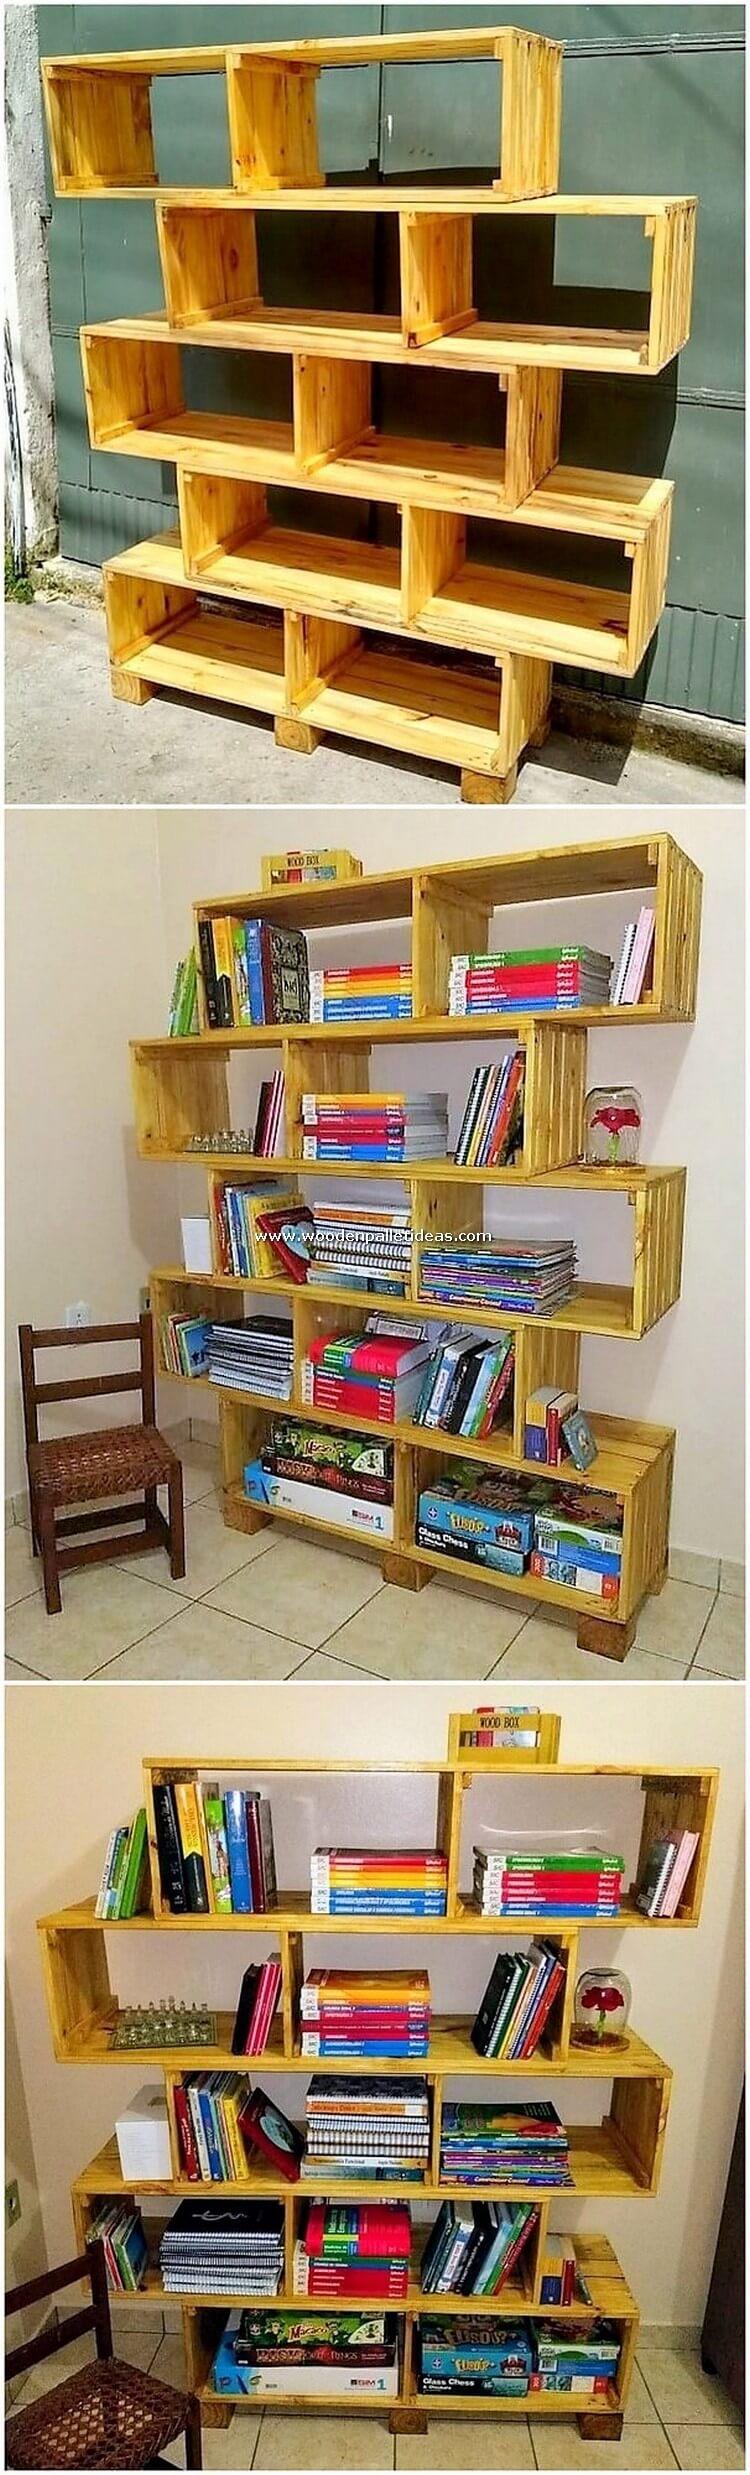 Pallet-Bookshelving